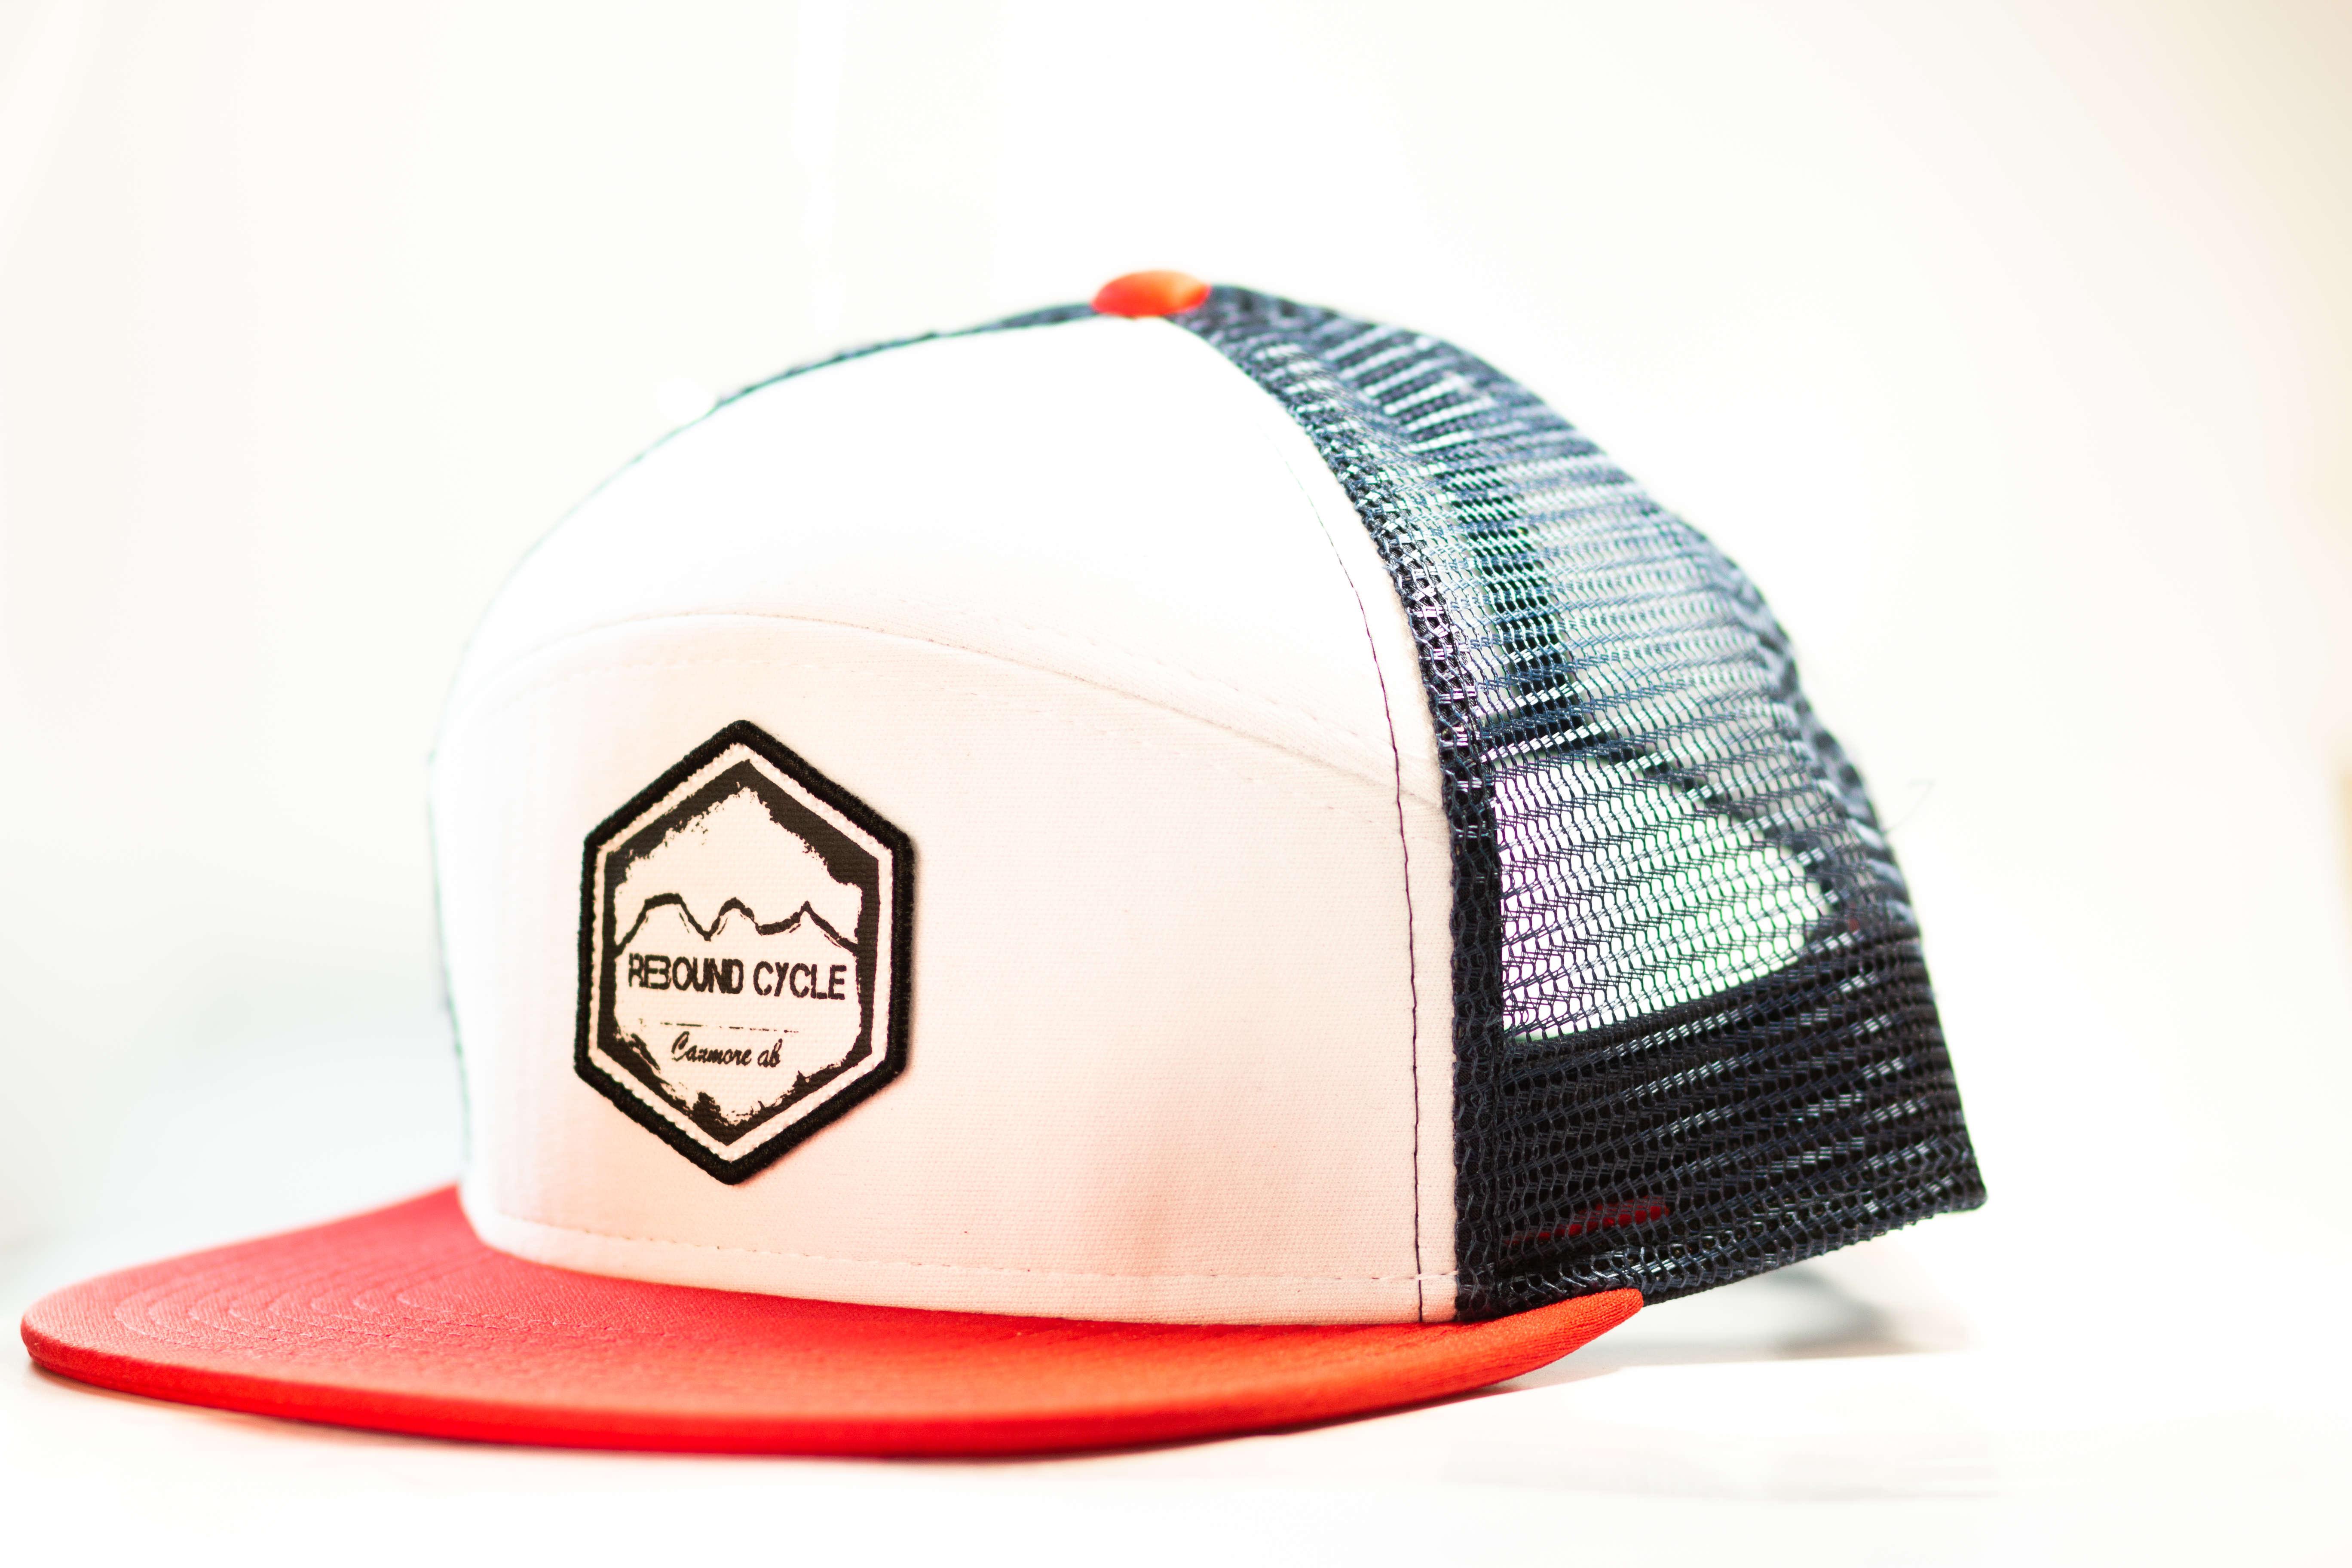 Rebound cycle trucker hat